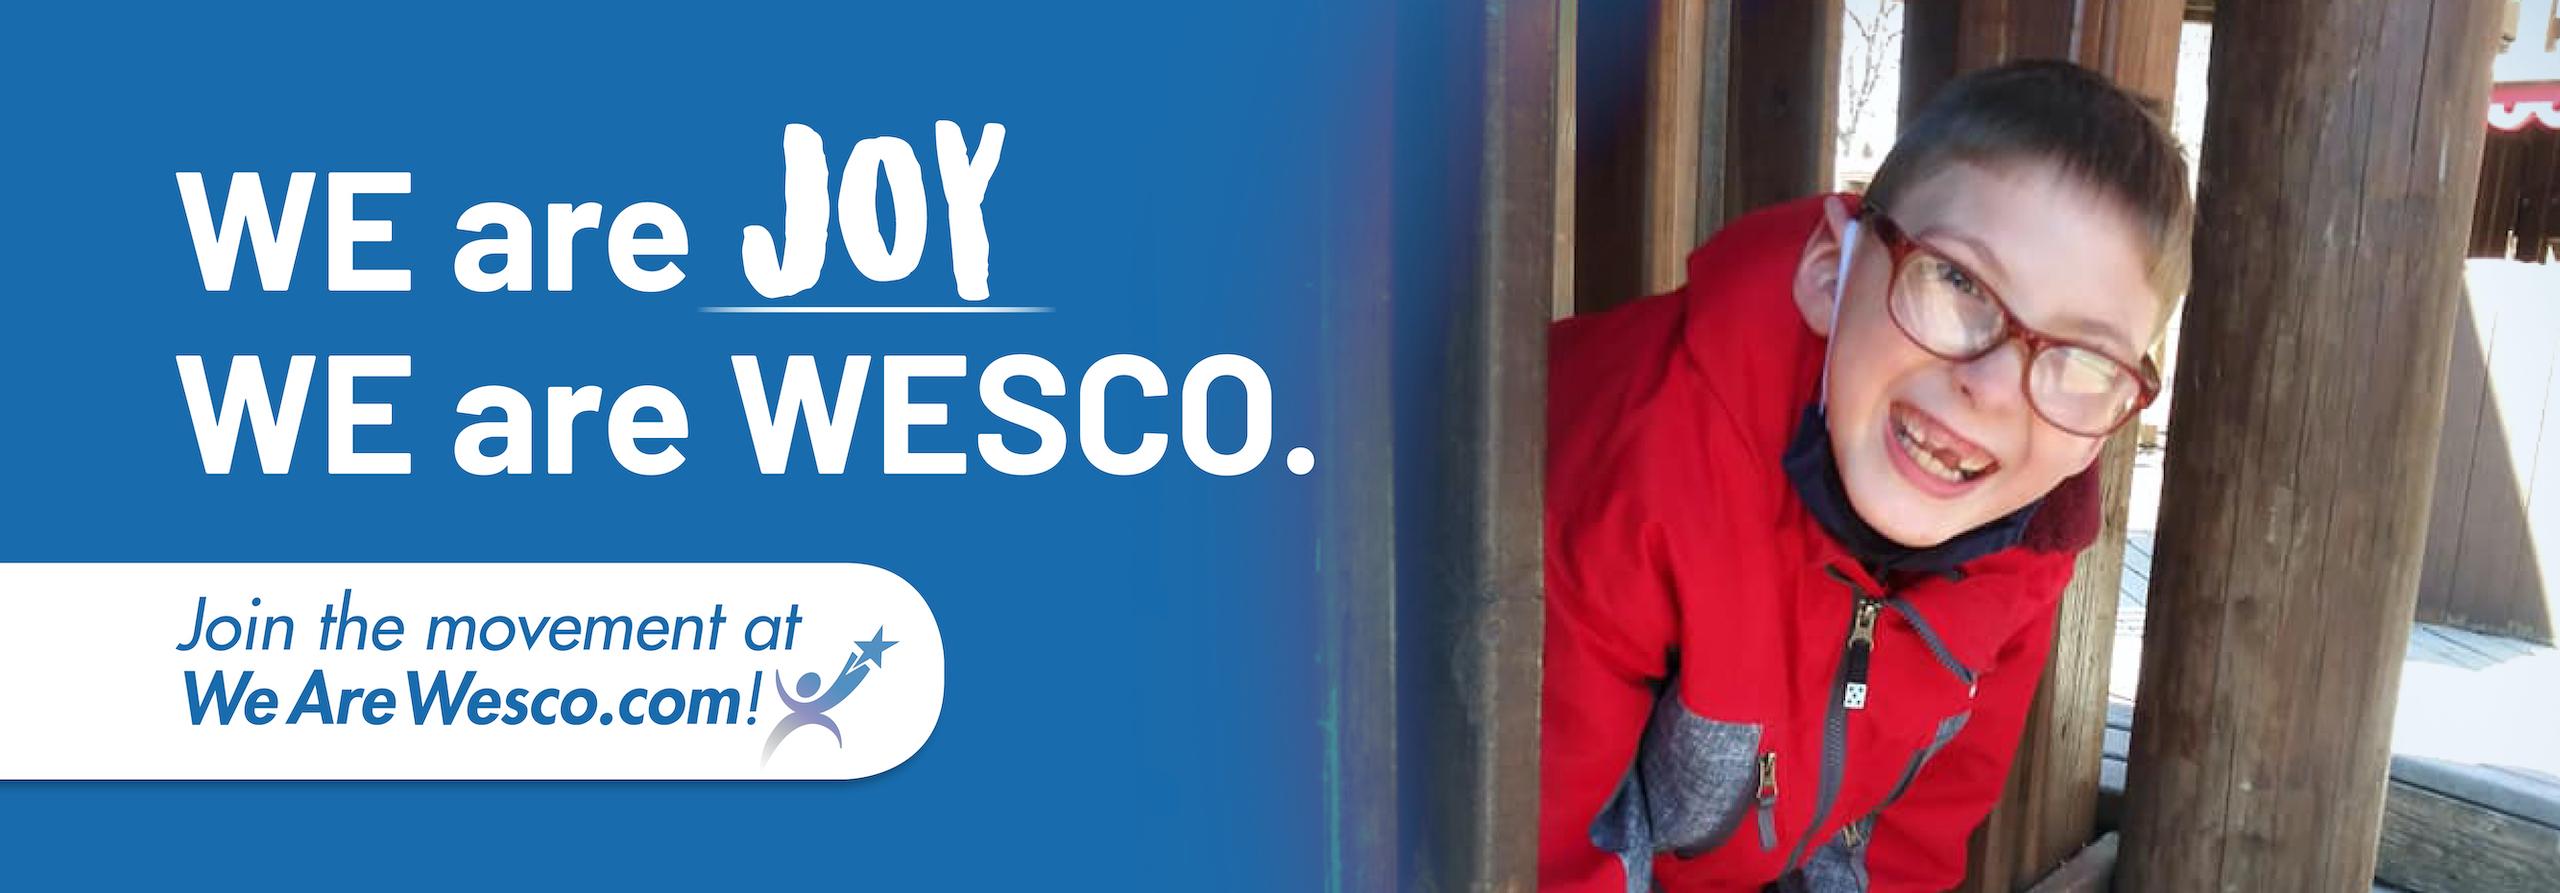 WE are WESCO